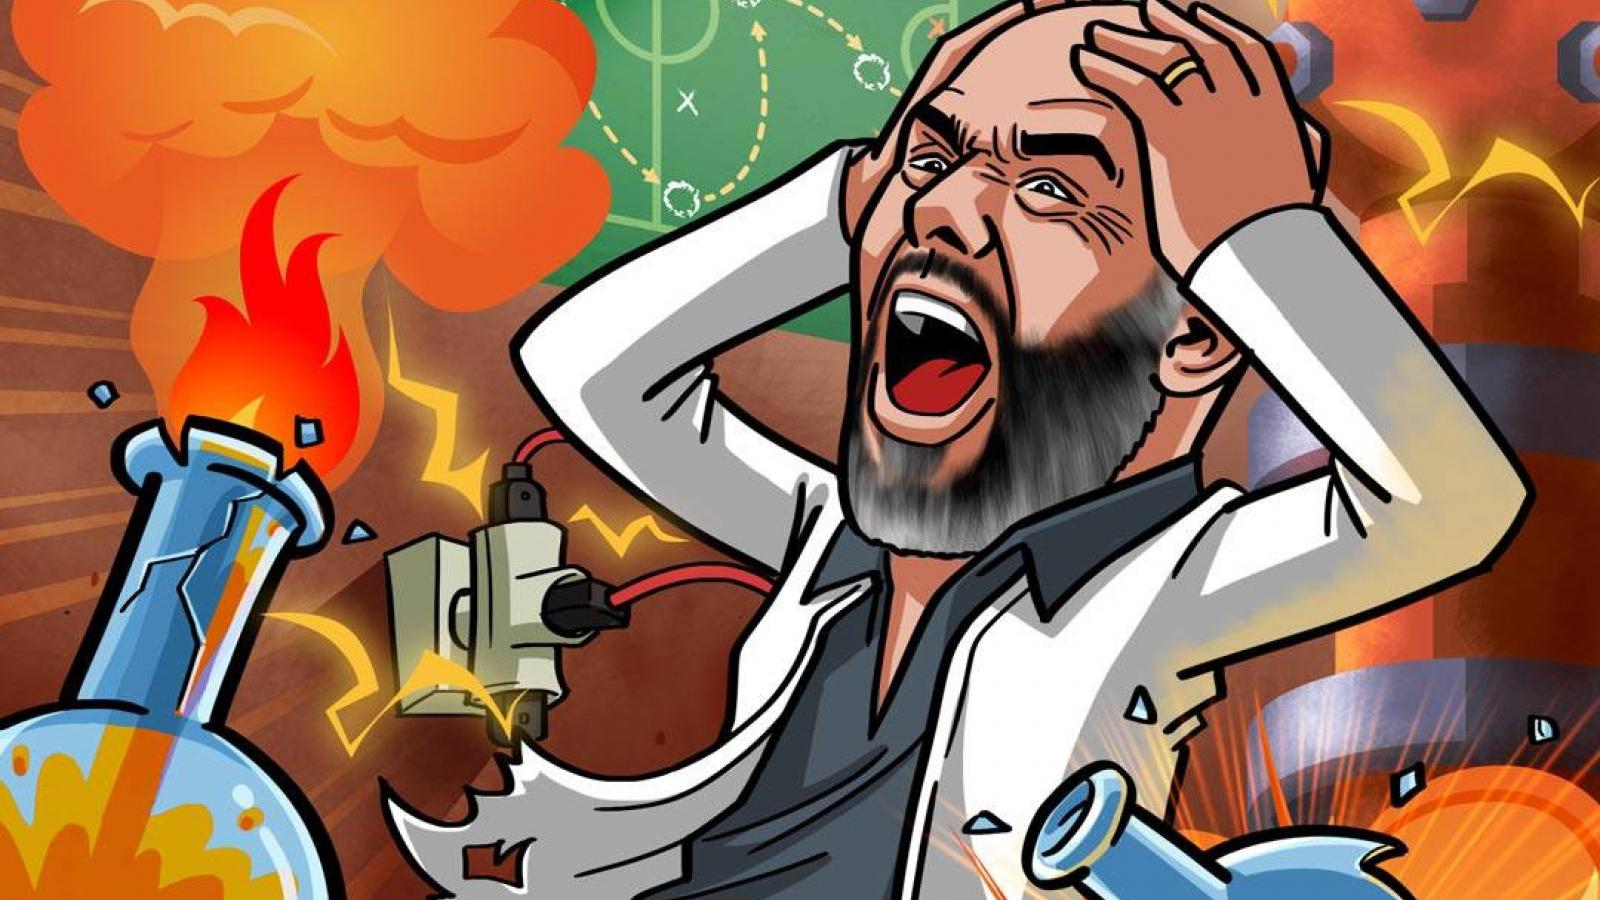 """Biếm họa 24h: Pep Guardiola """"phát điên"""" vì cuộc thí nghiệm bóng đá ở Man City"""